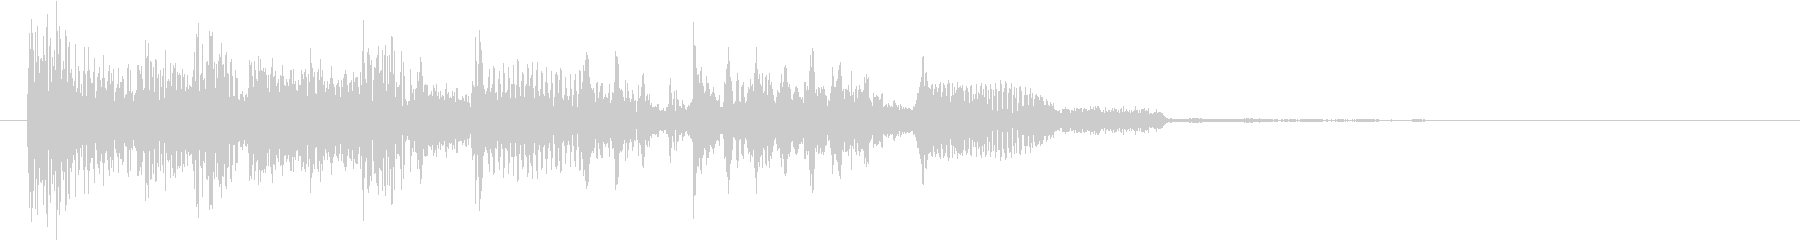 パワフル&重低音のエレクトロニックロゴの未再生の波形